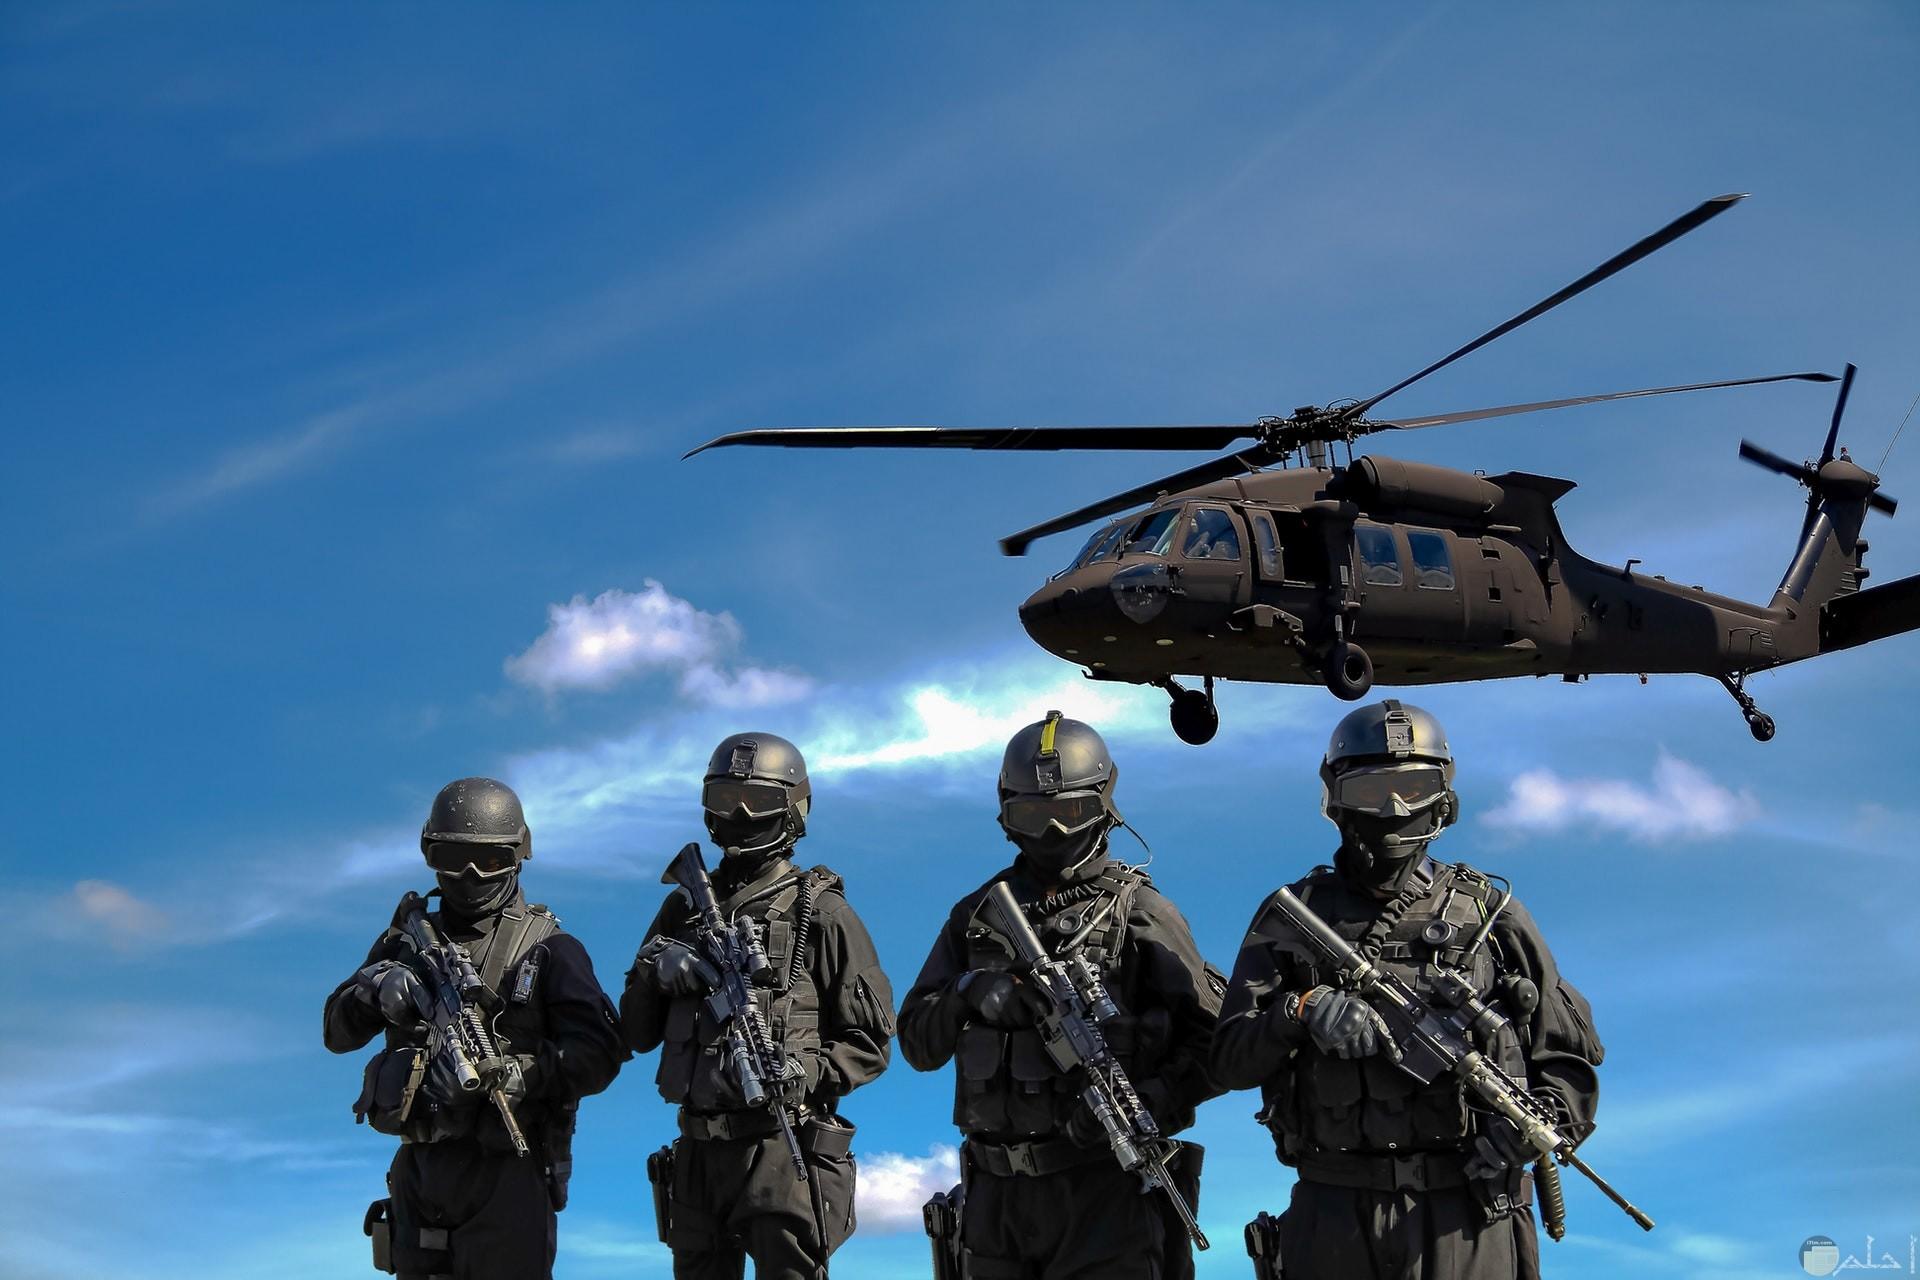 صورة أكشن مميزة لأربع جنود يحملون أسلحة وفوقهم طيارة حربية